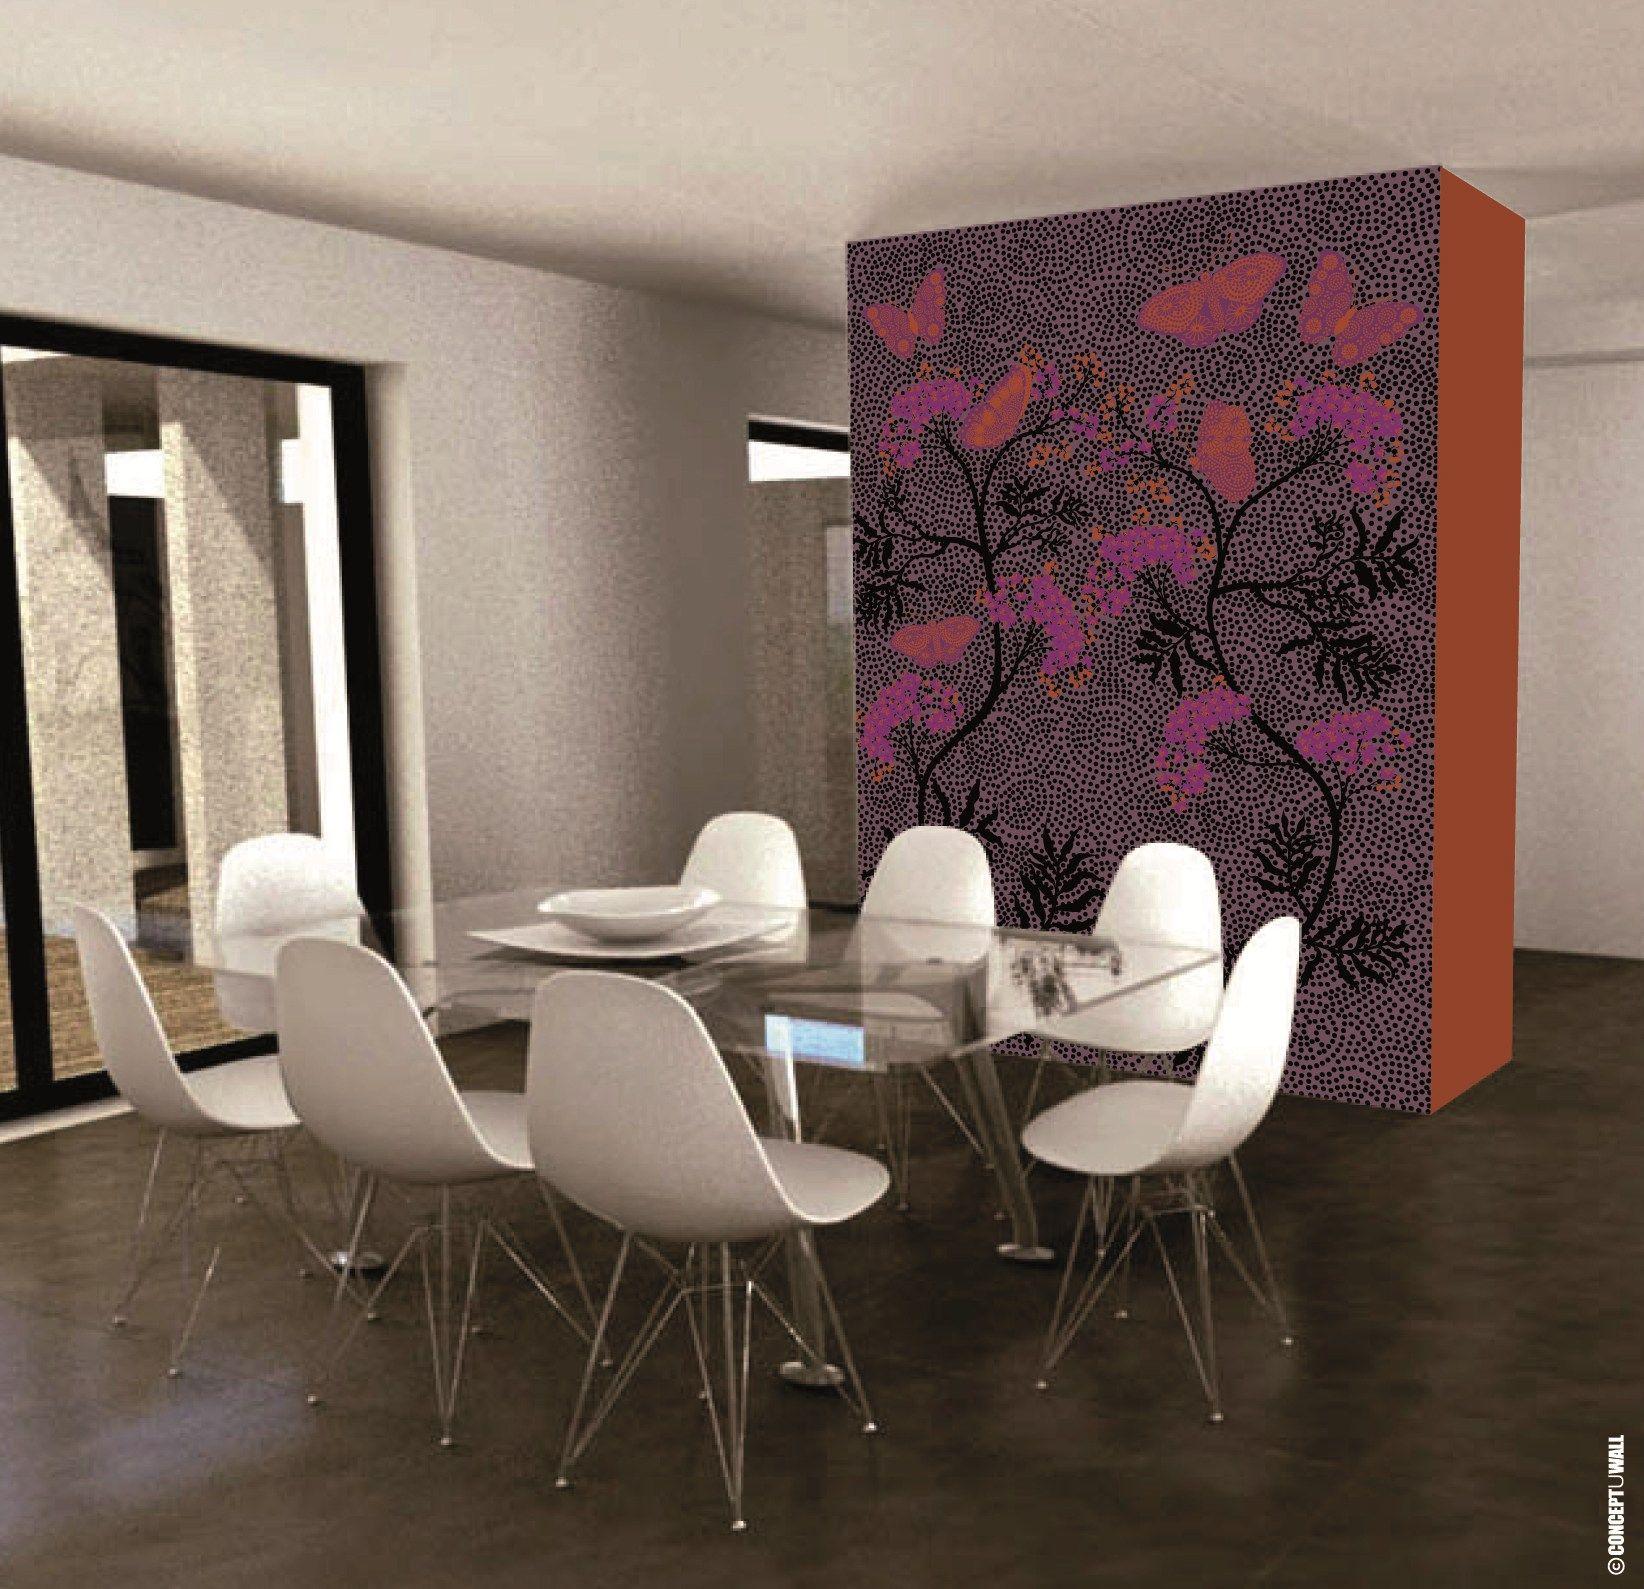 Papel pintado panor mico panor mico de papel no tejido de dise o butterfly by conceptuwall - Papel pintado diseno ...